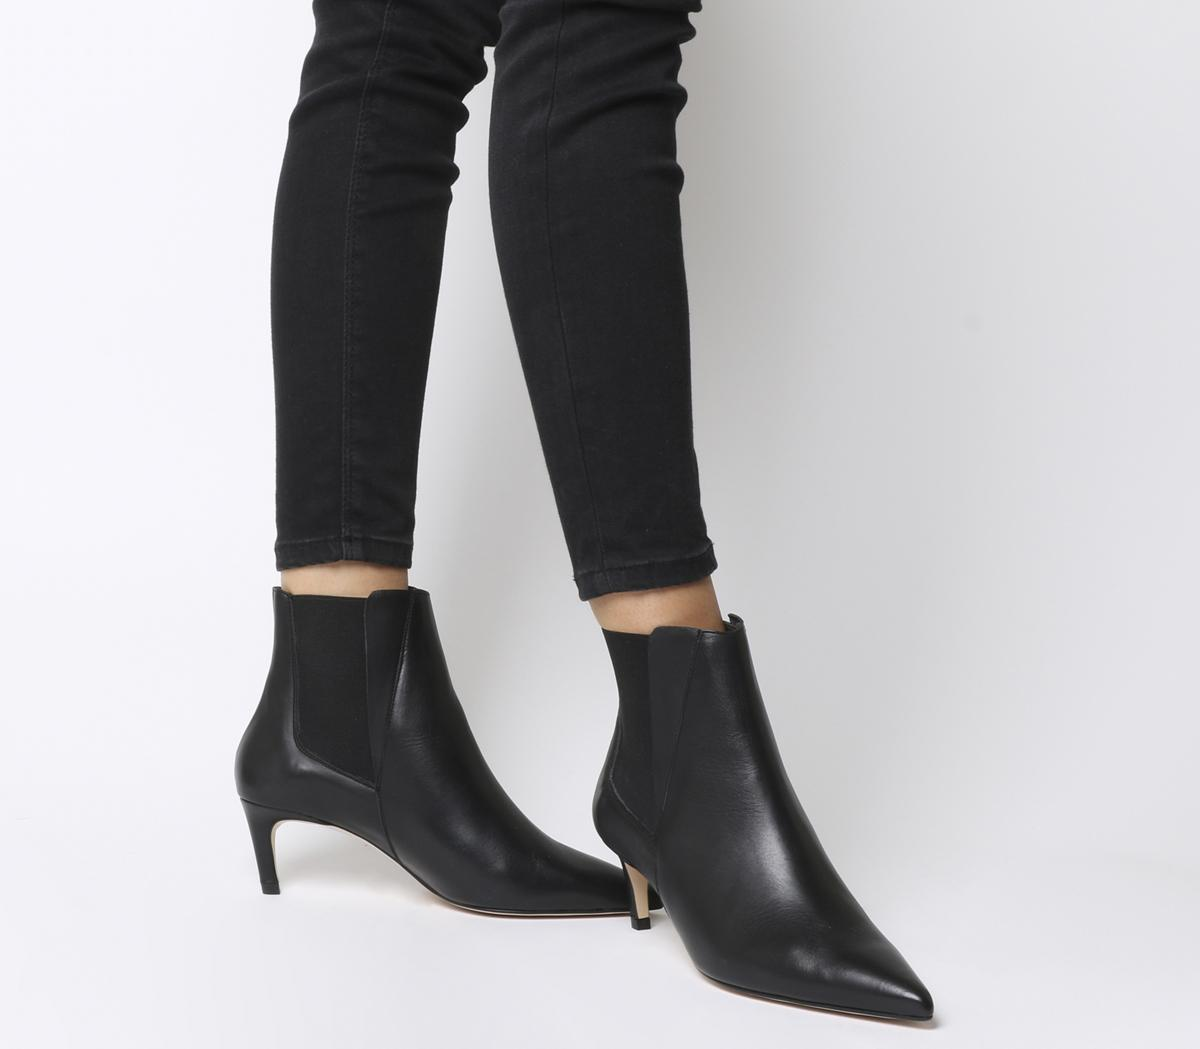 Office Attire Kitten Heel Chelsea Boots